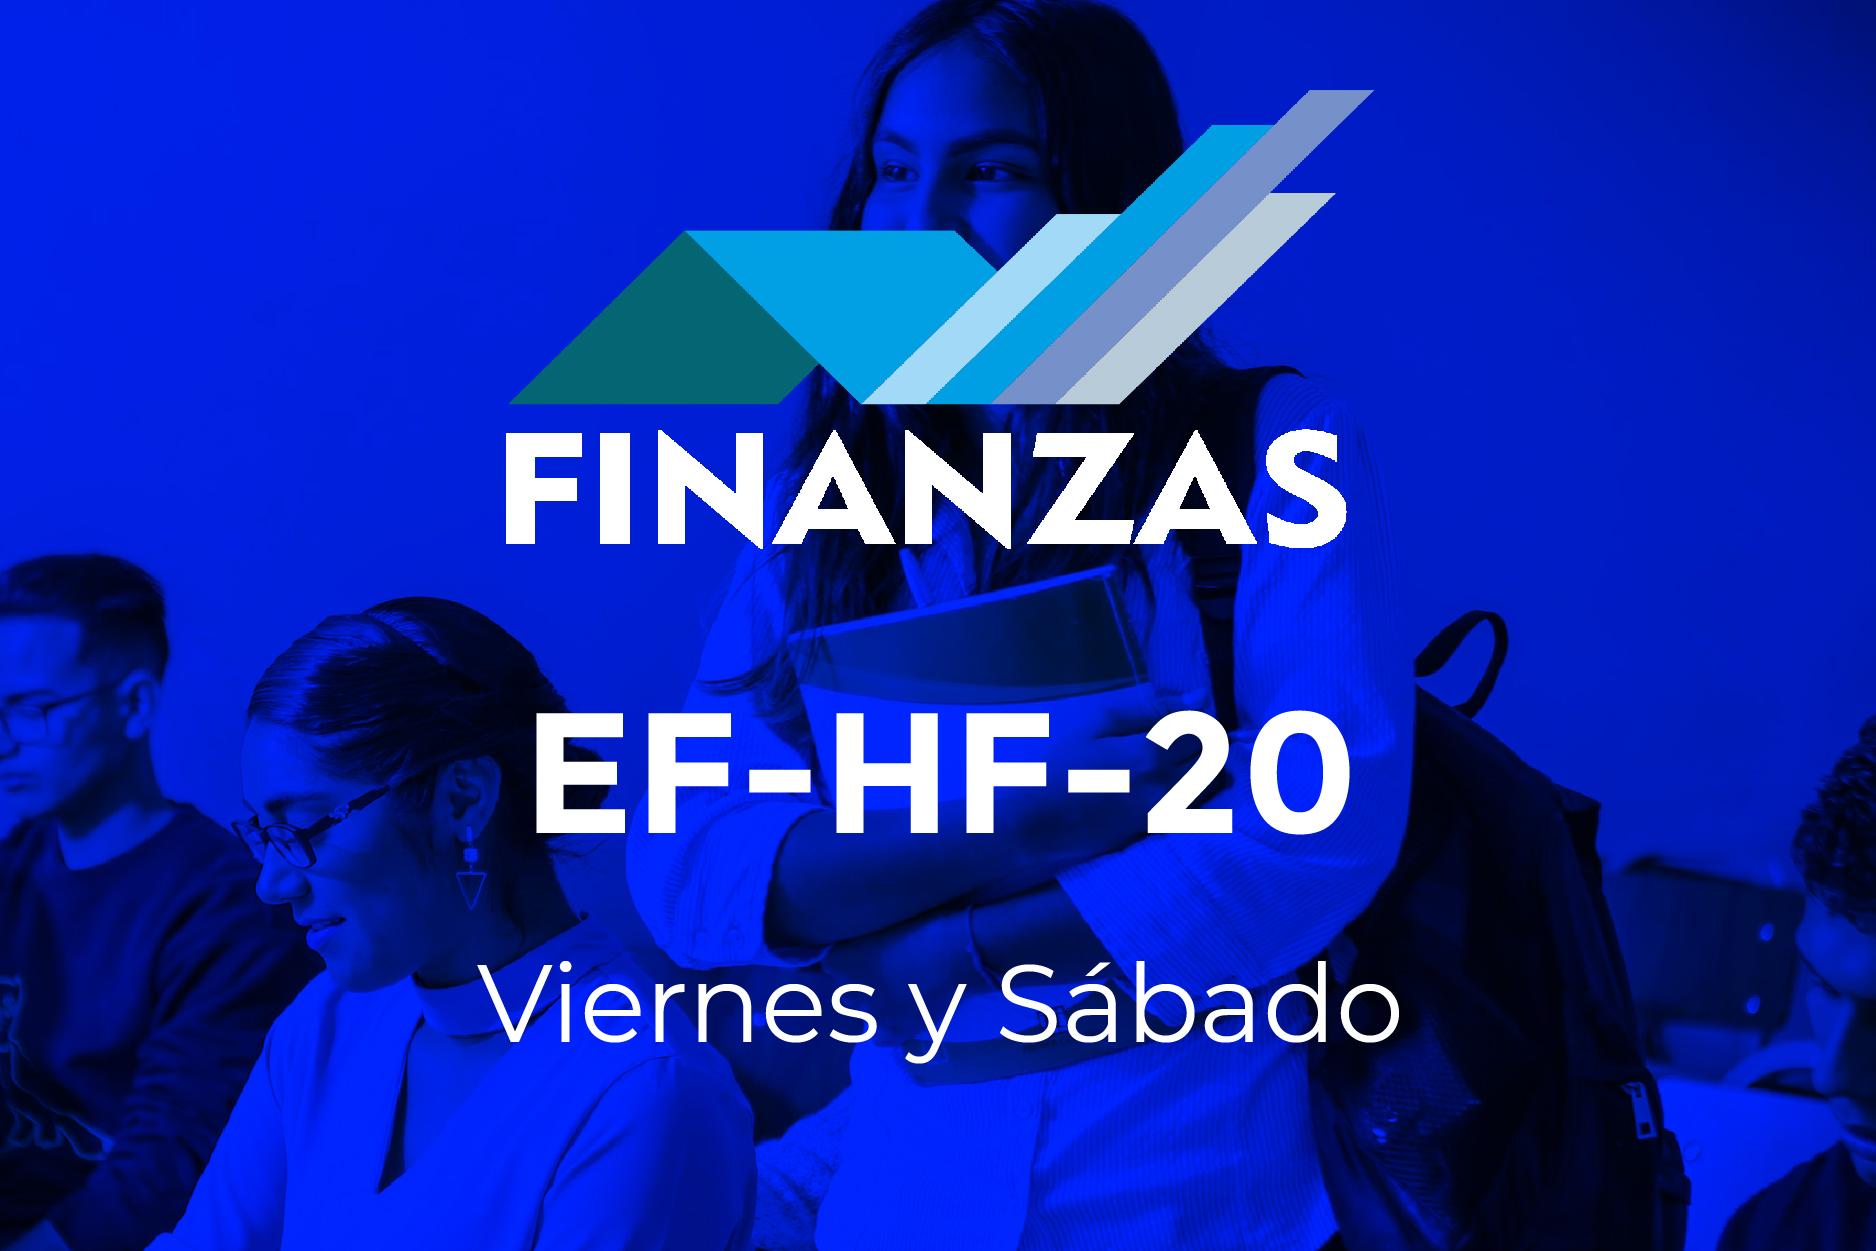 20 - FINANZAS - VIERNES Y SÁBADO